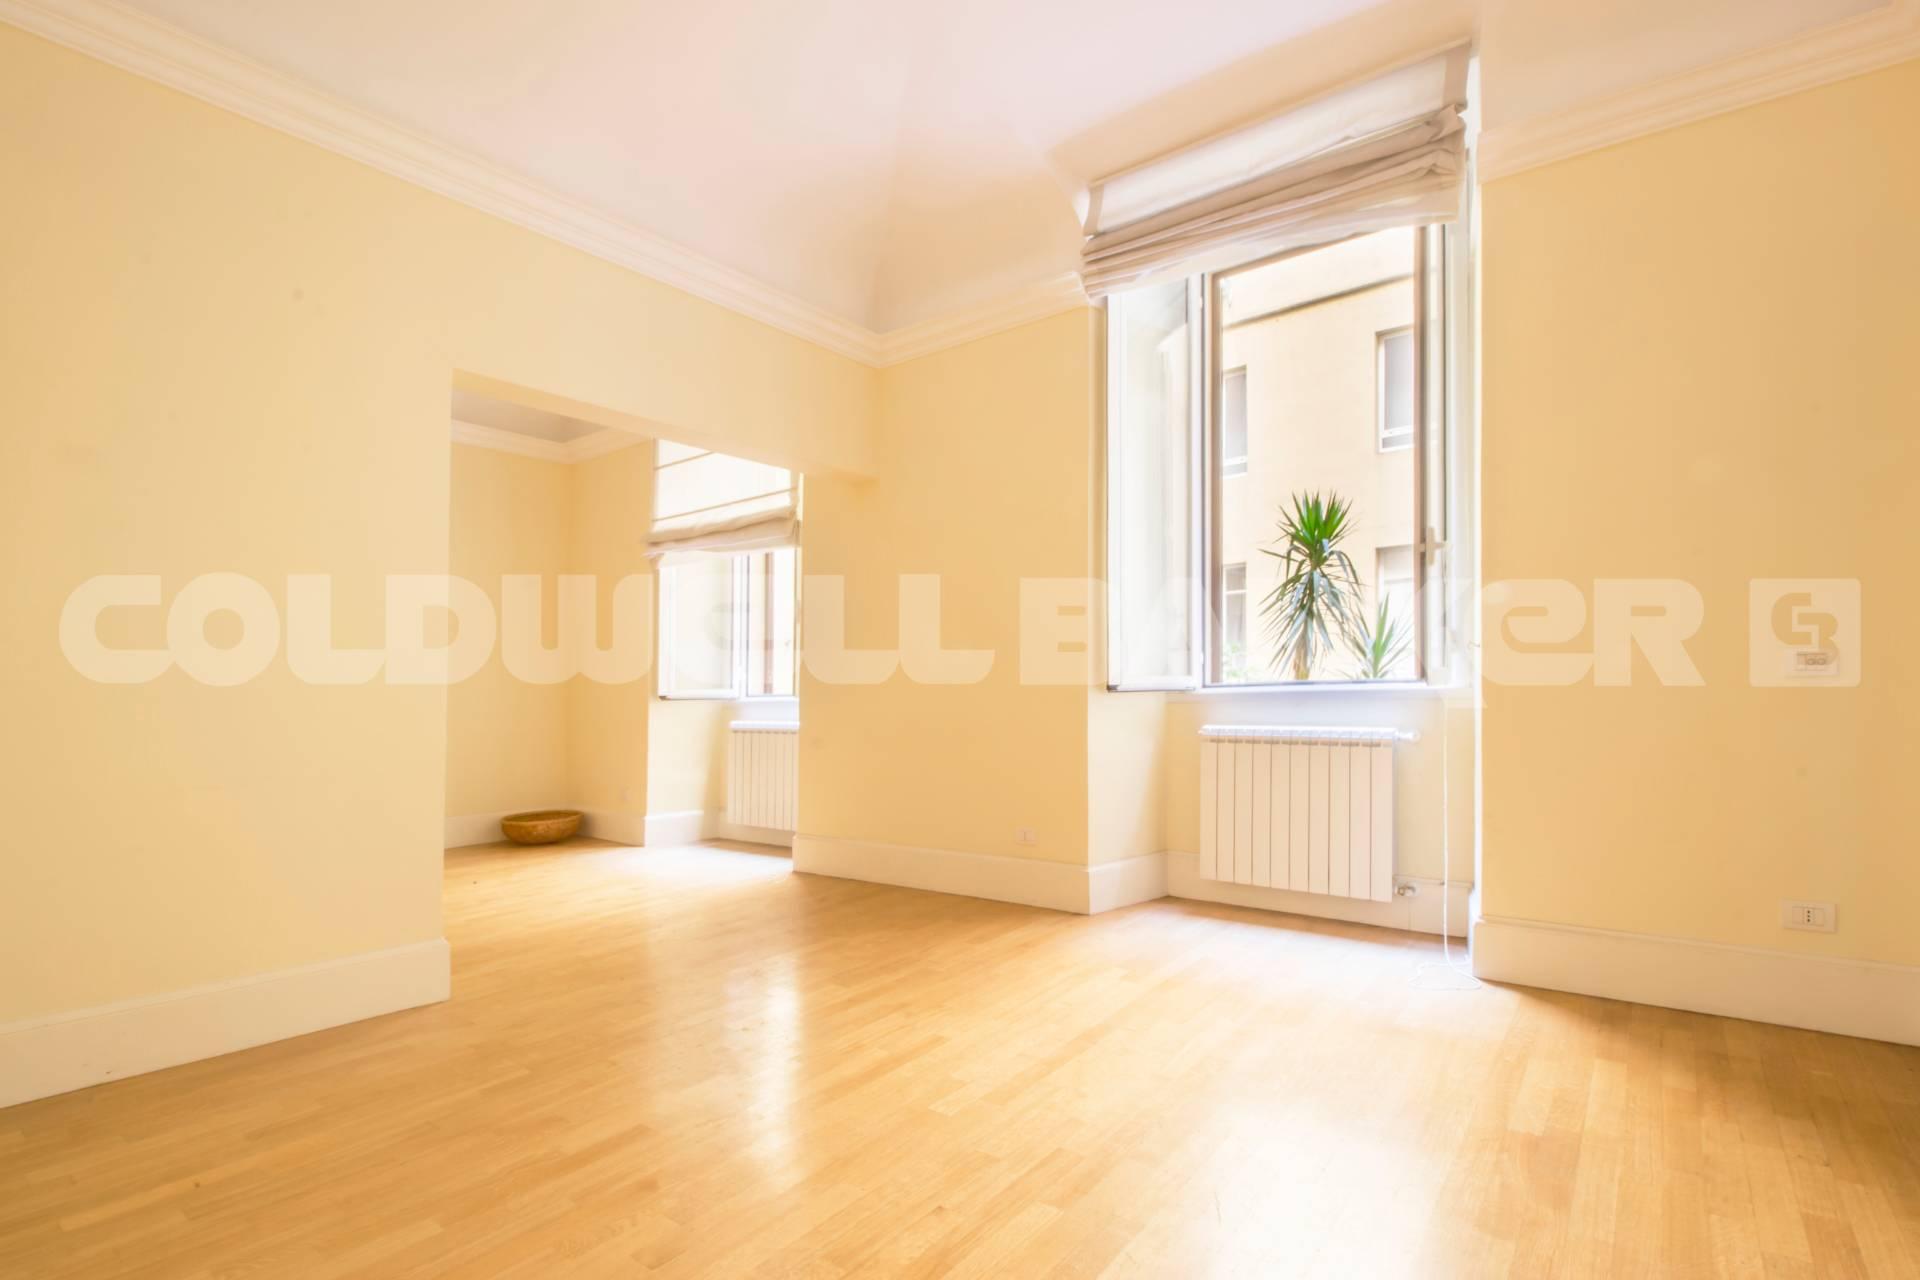 Cbi072 821 ex1188 appartamento in vendita a roma prati for Ufficio roma prati